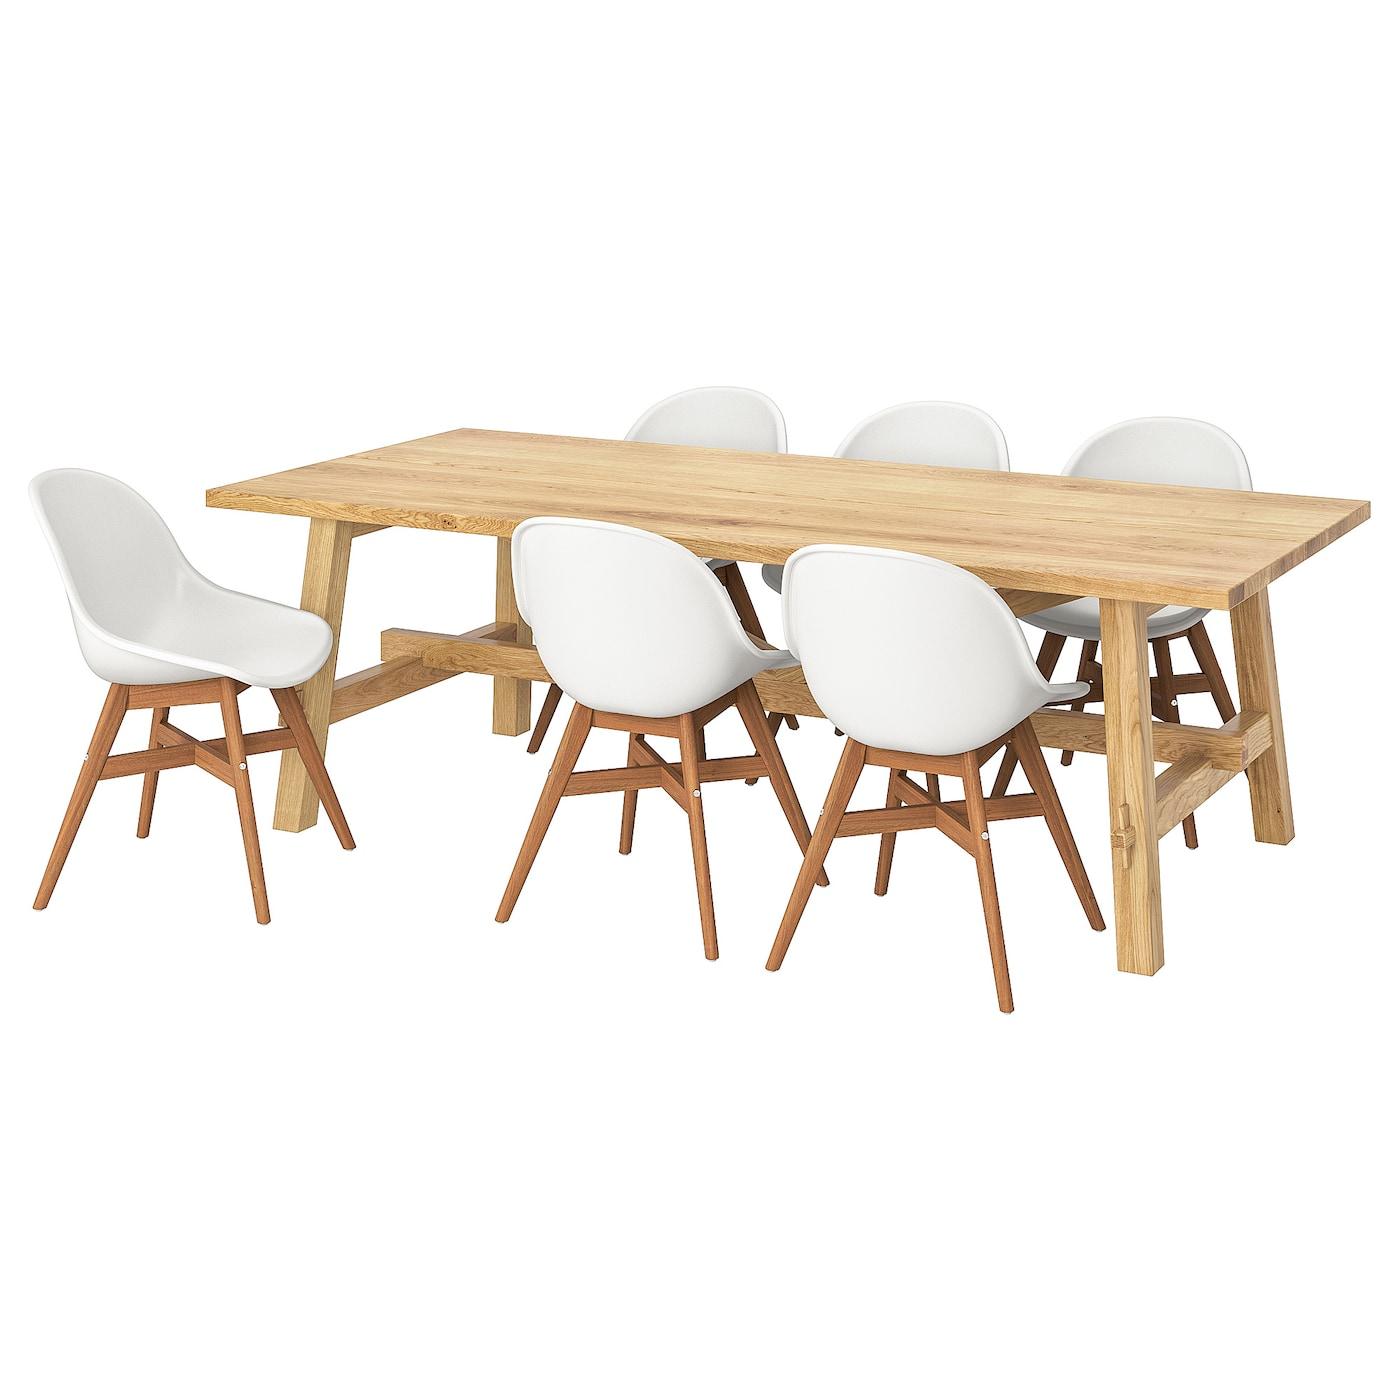 MÖCKELBY / FANBYN Tisch und 6 Stühle - Eiche/weiß 235x100 cm